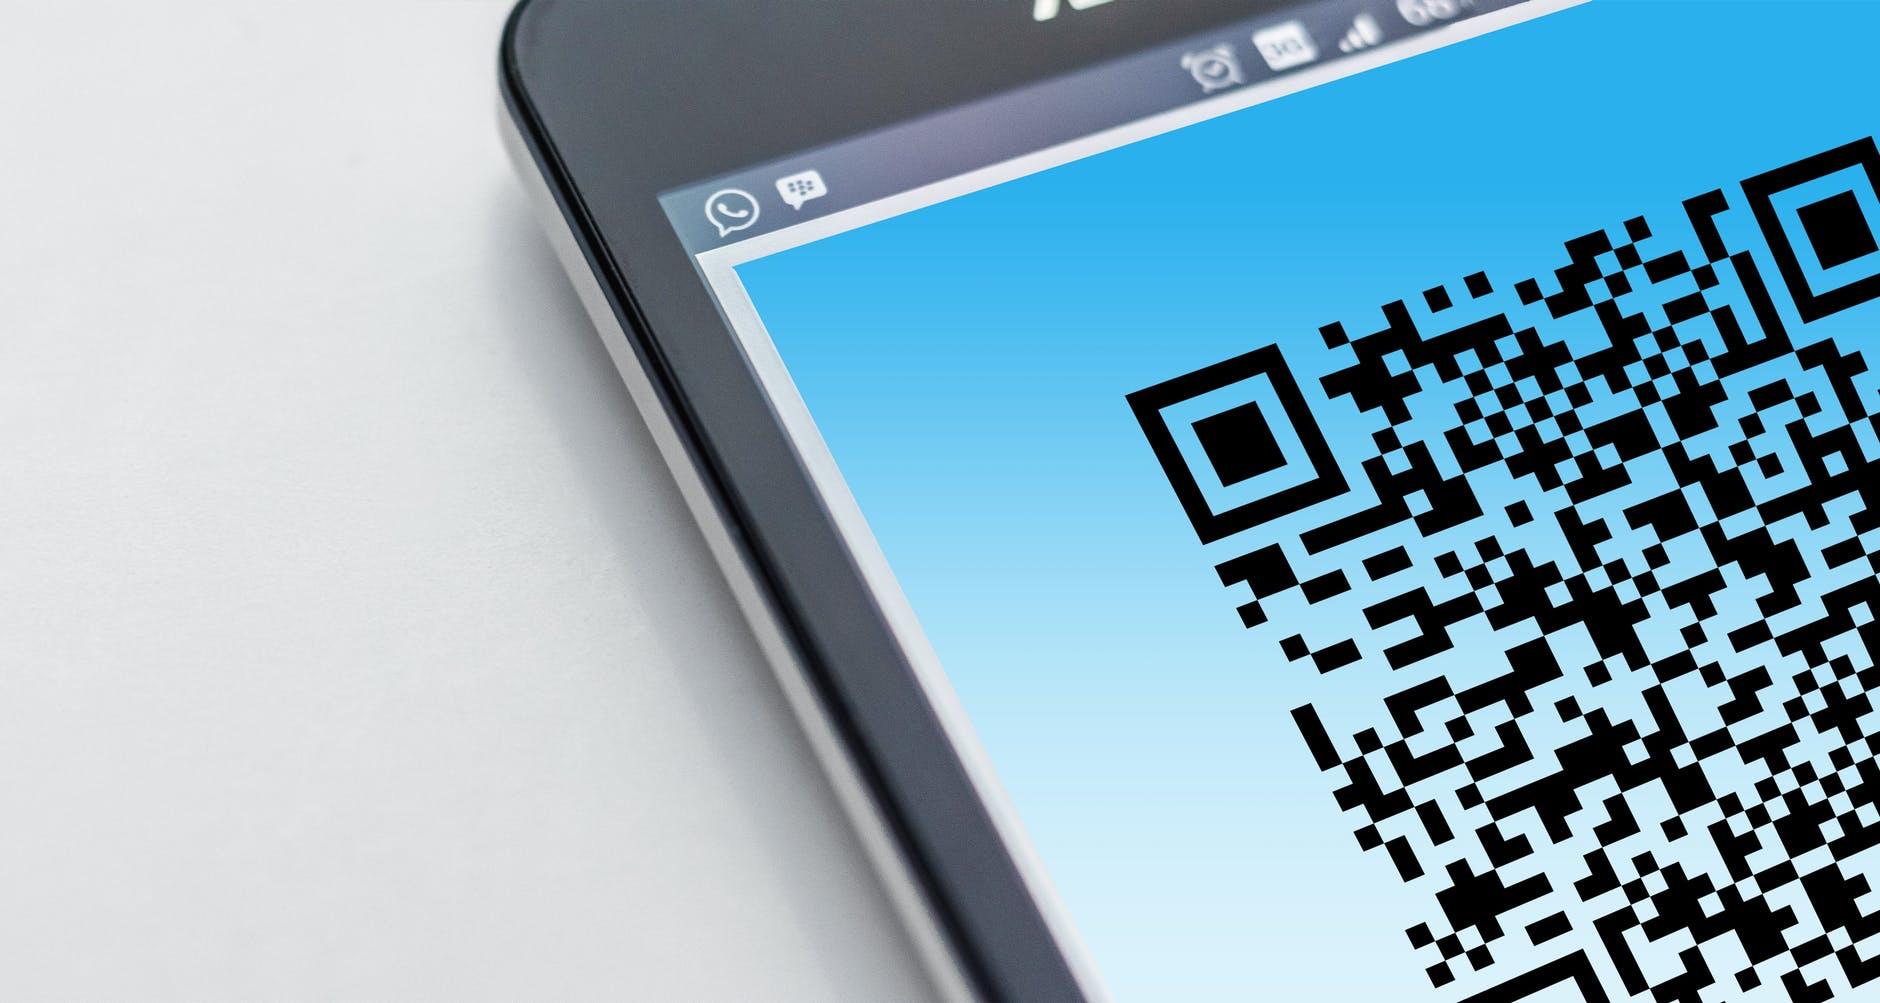 详细的微信二维码设计要点介绍 你也能学会制作二维码